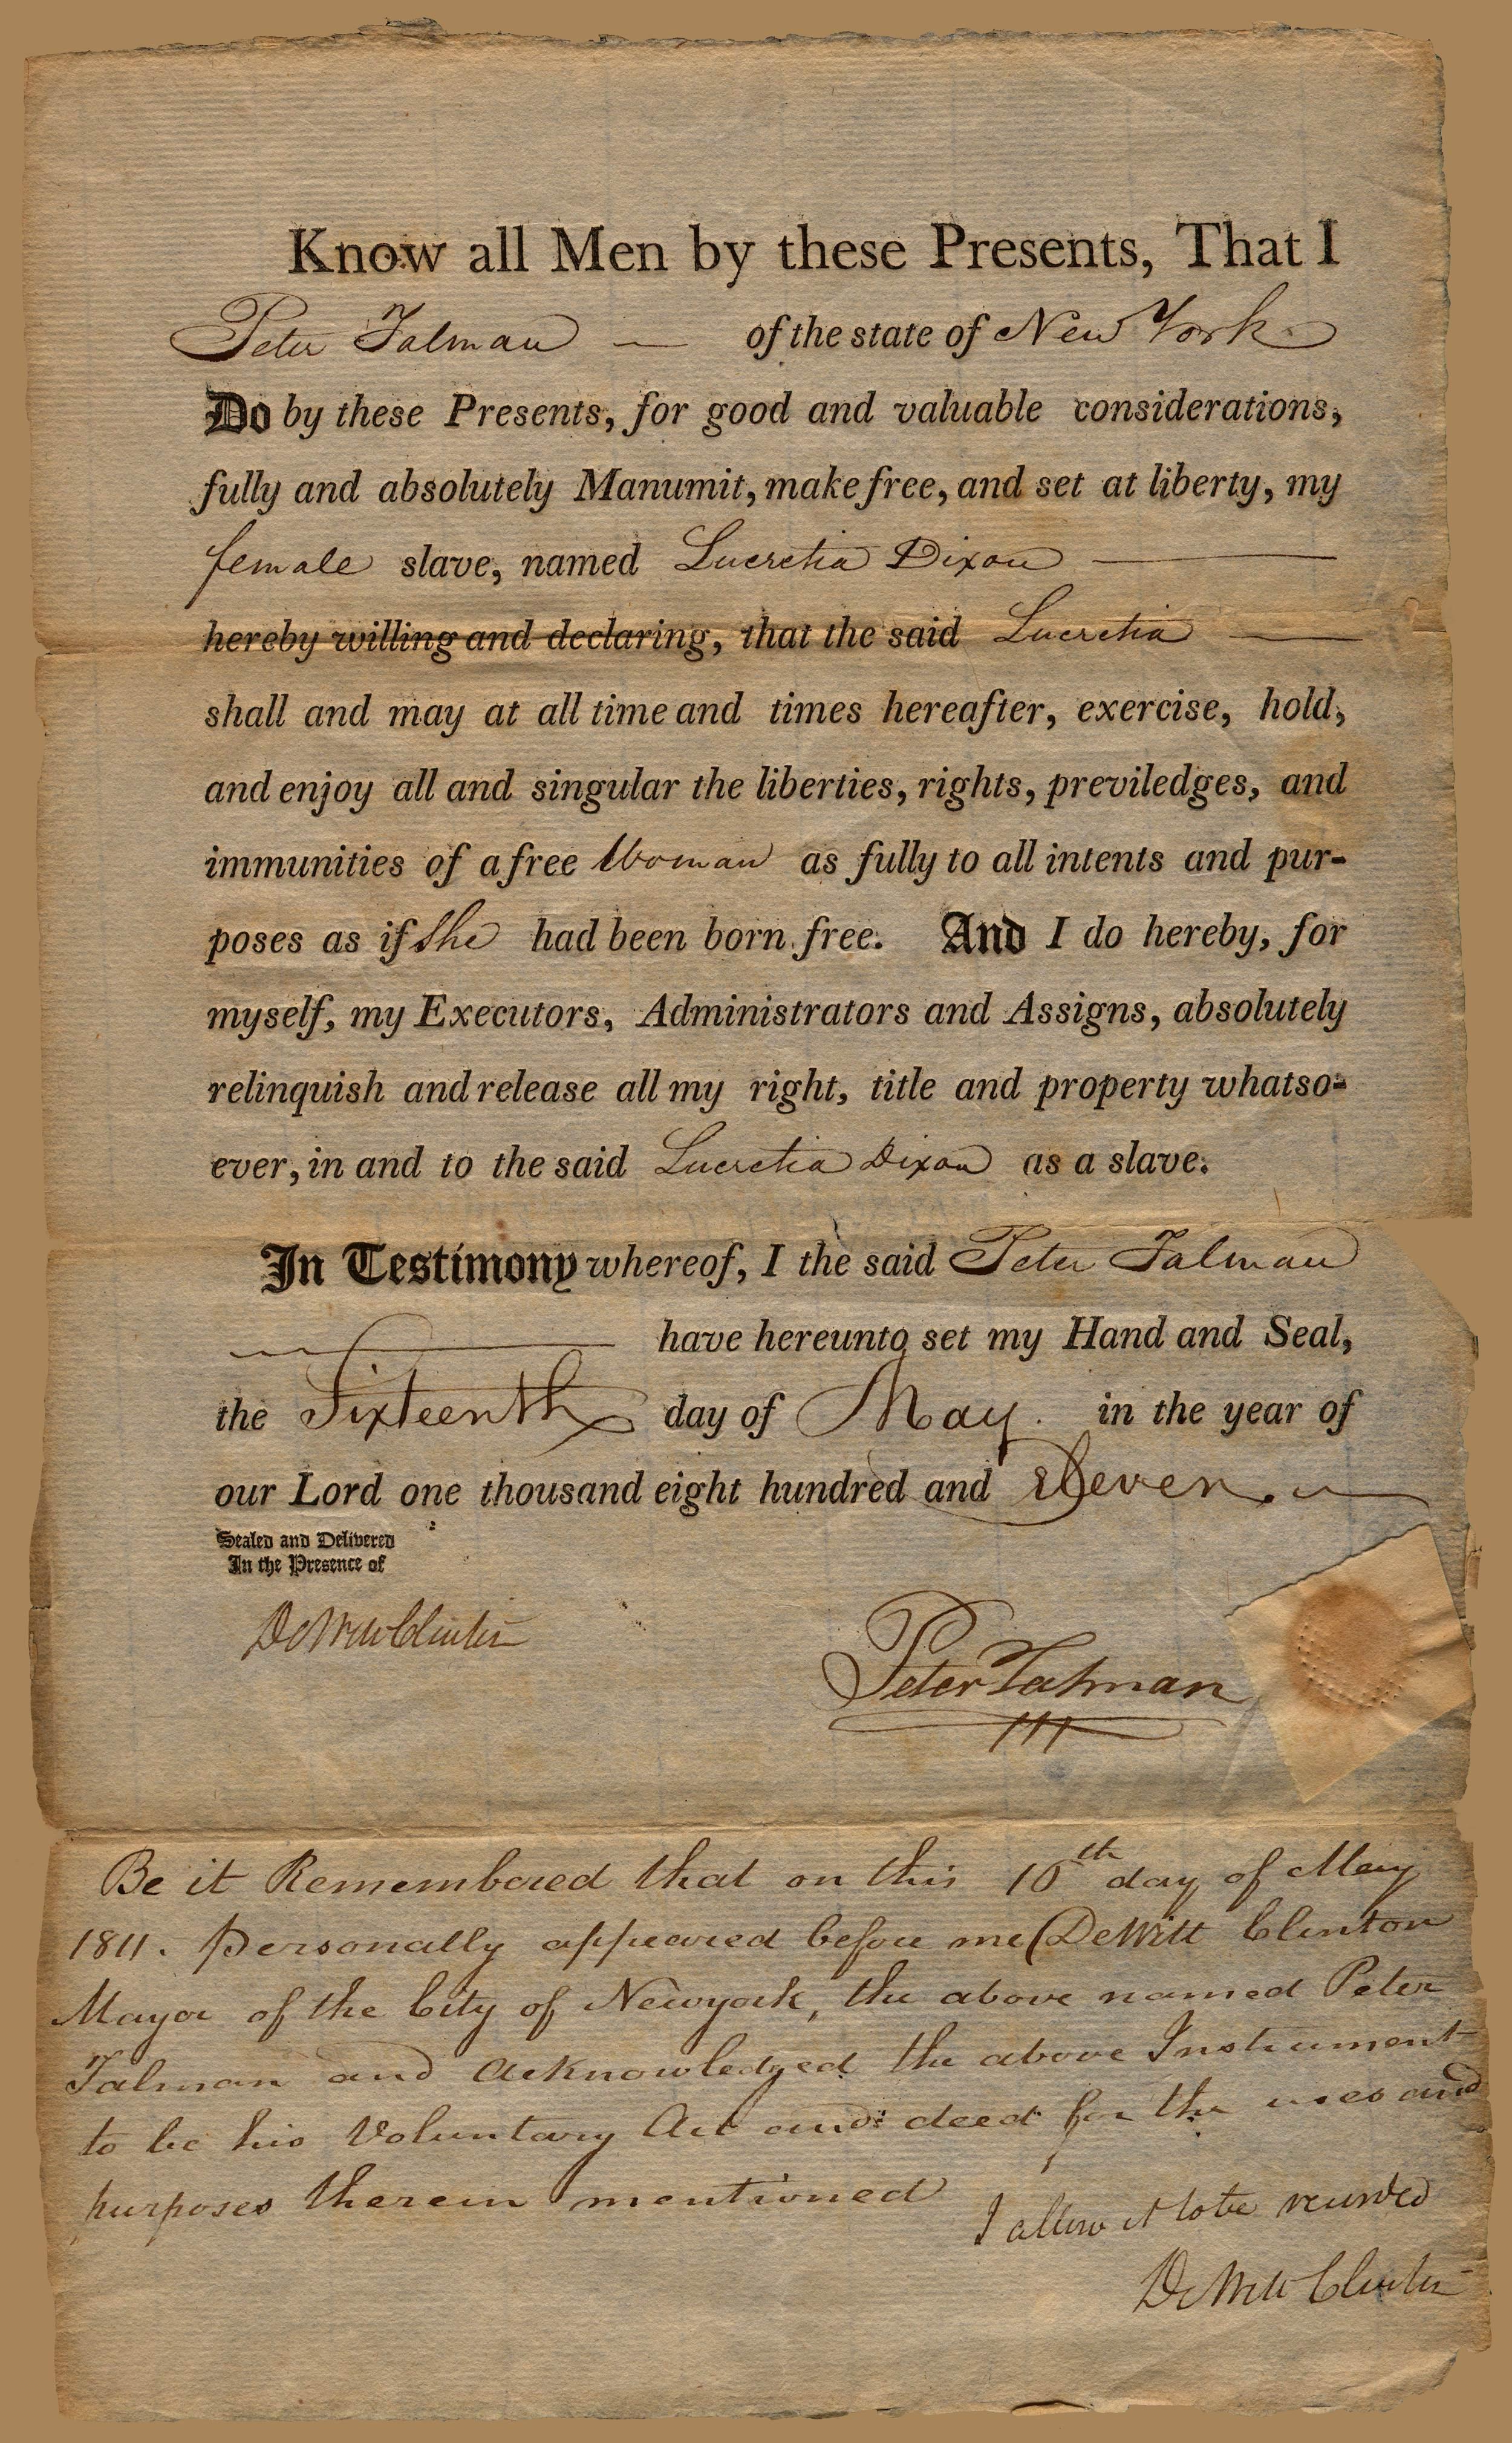 Manumission document of Peter Talman freeing Lecretia Dixon